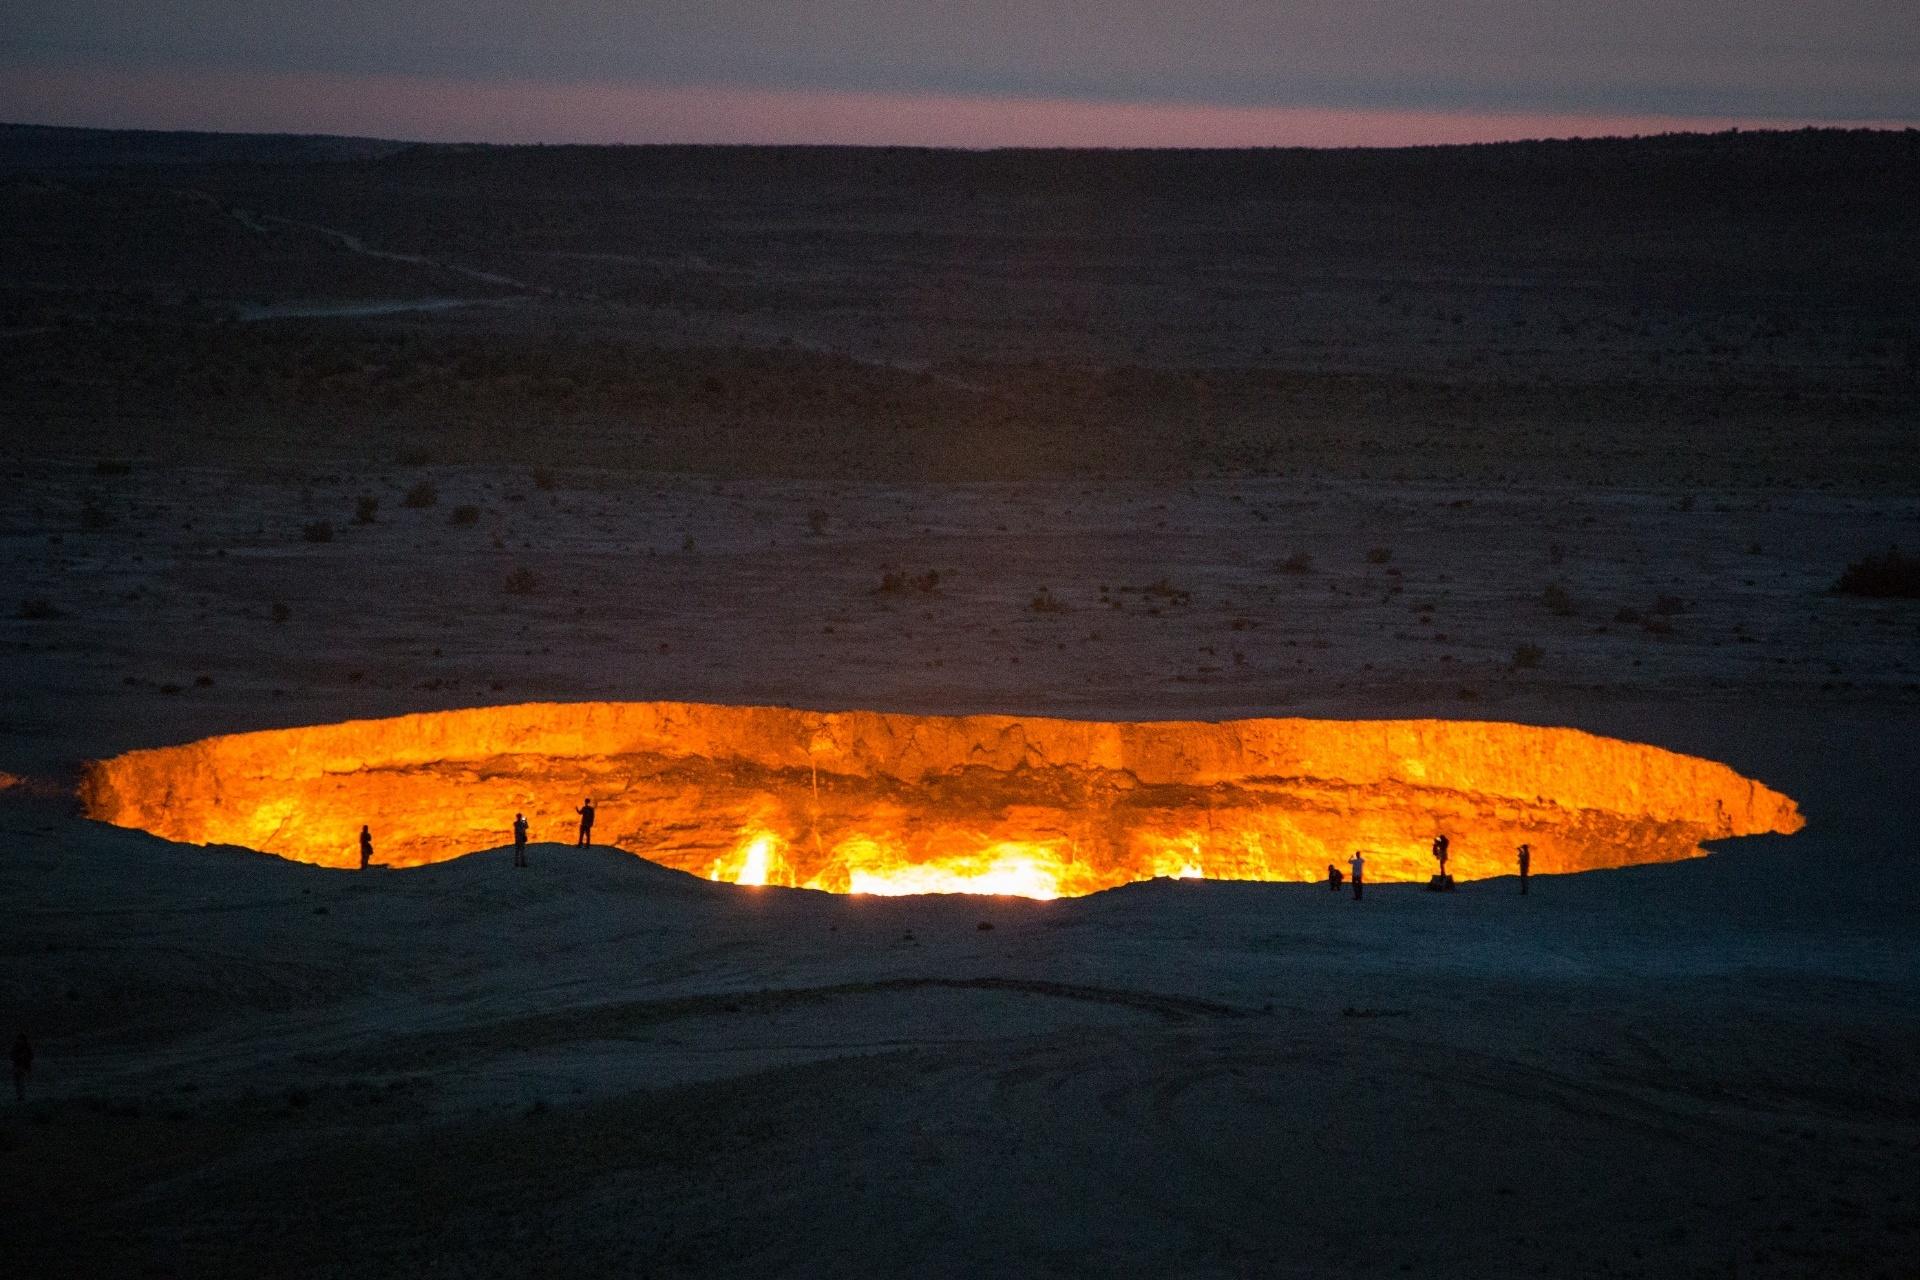 ダルヴァザのガス・クレーター トルクメニスタンの風景